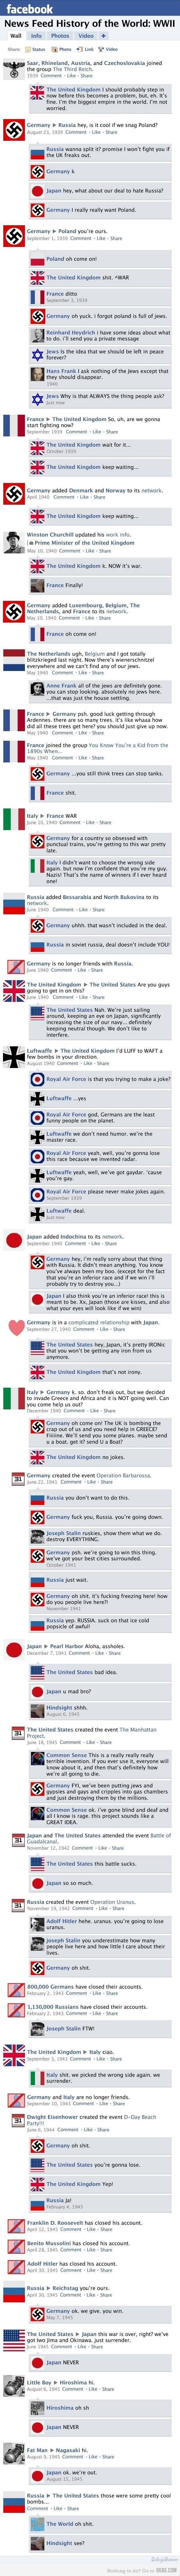 Druhá světová válka na Facebooku